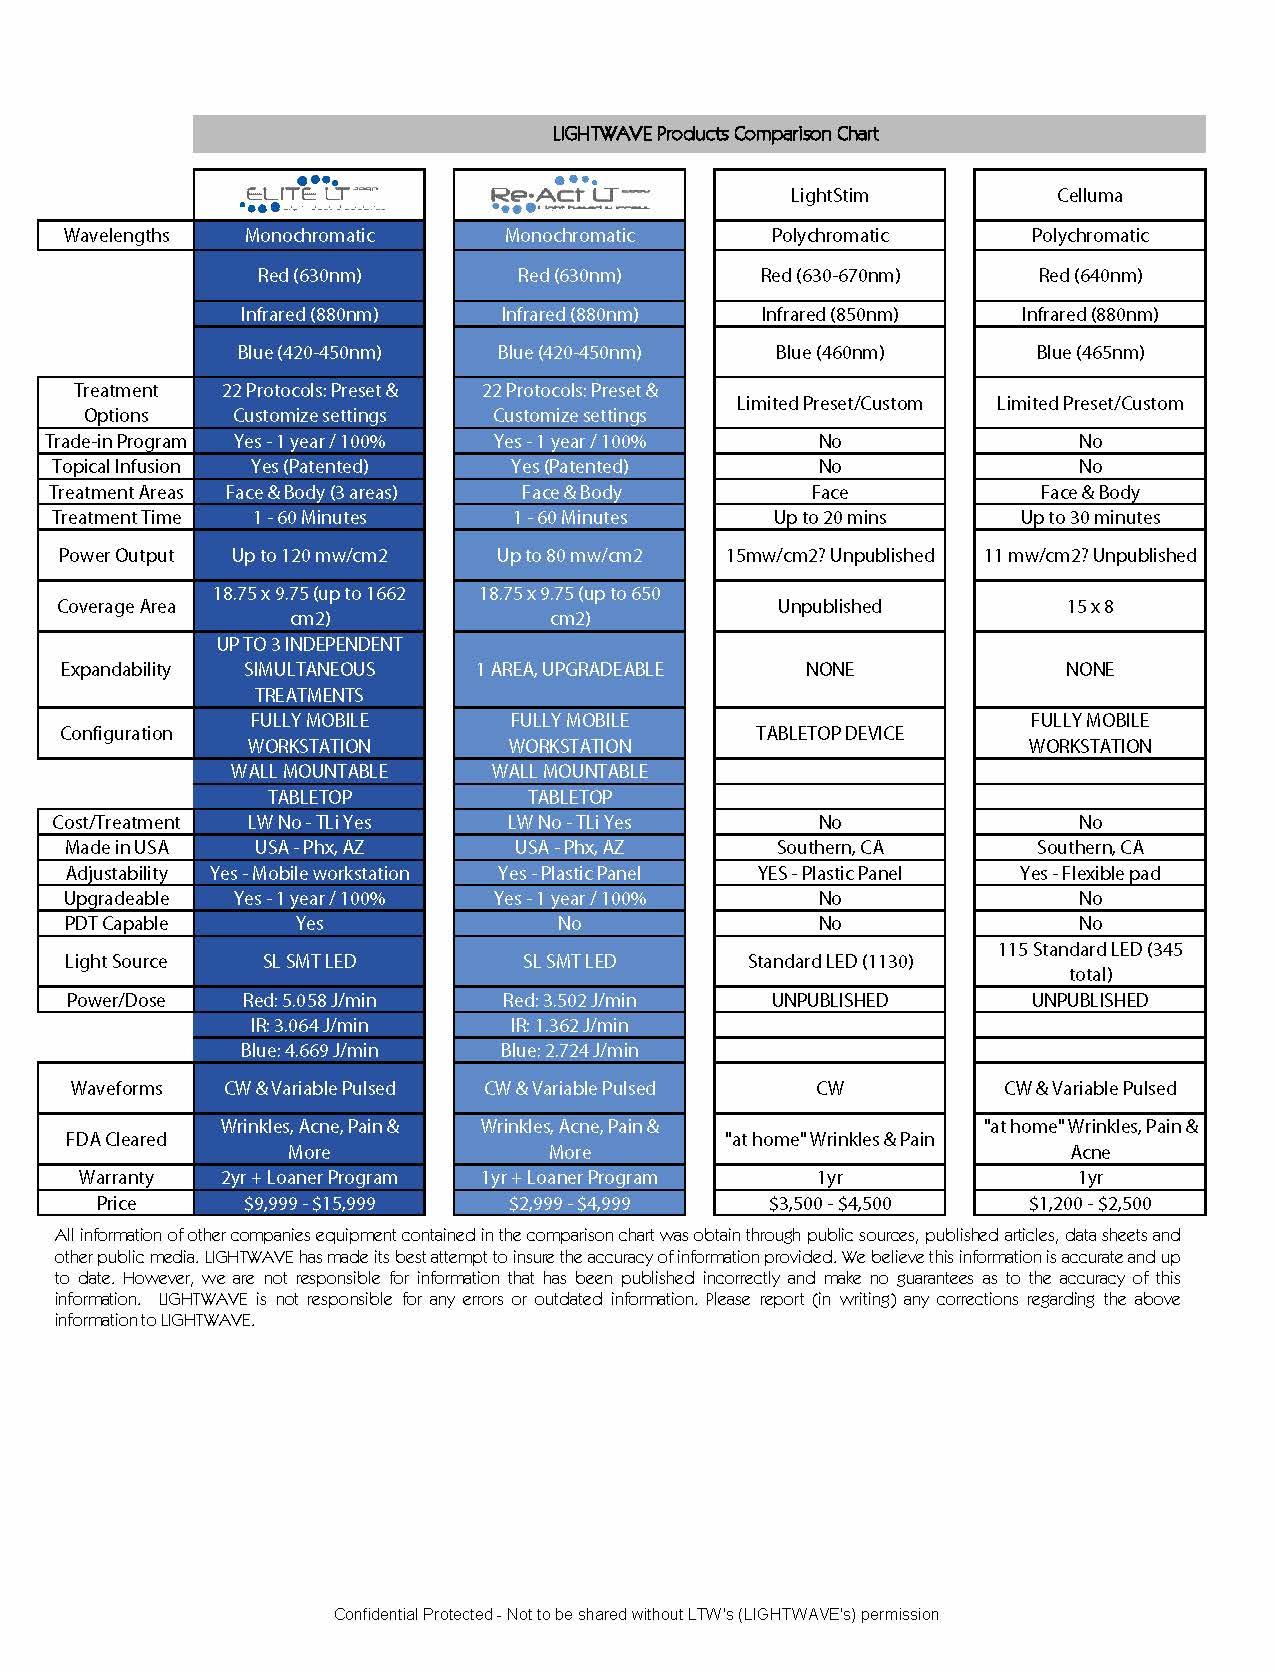 led-comp-chart.jpg